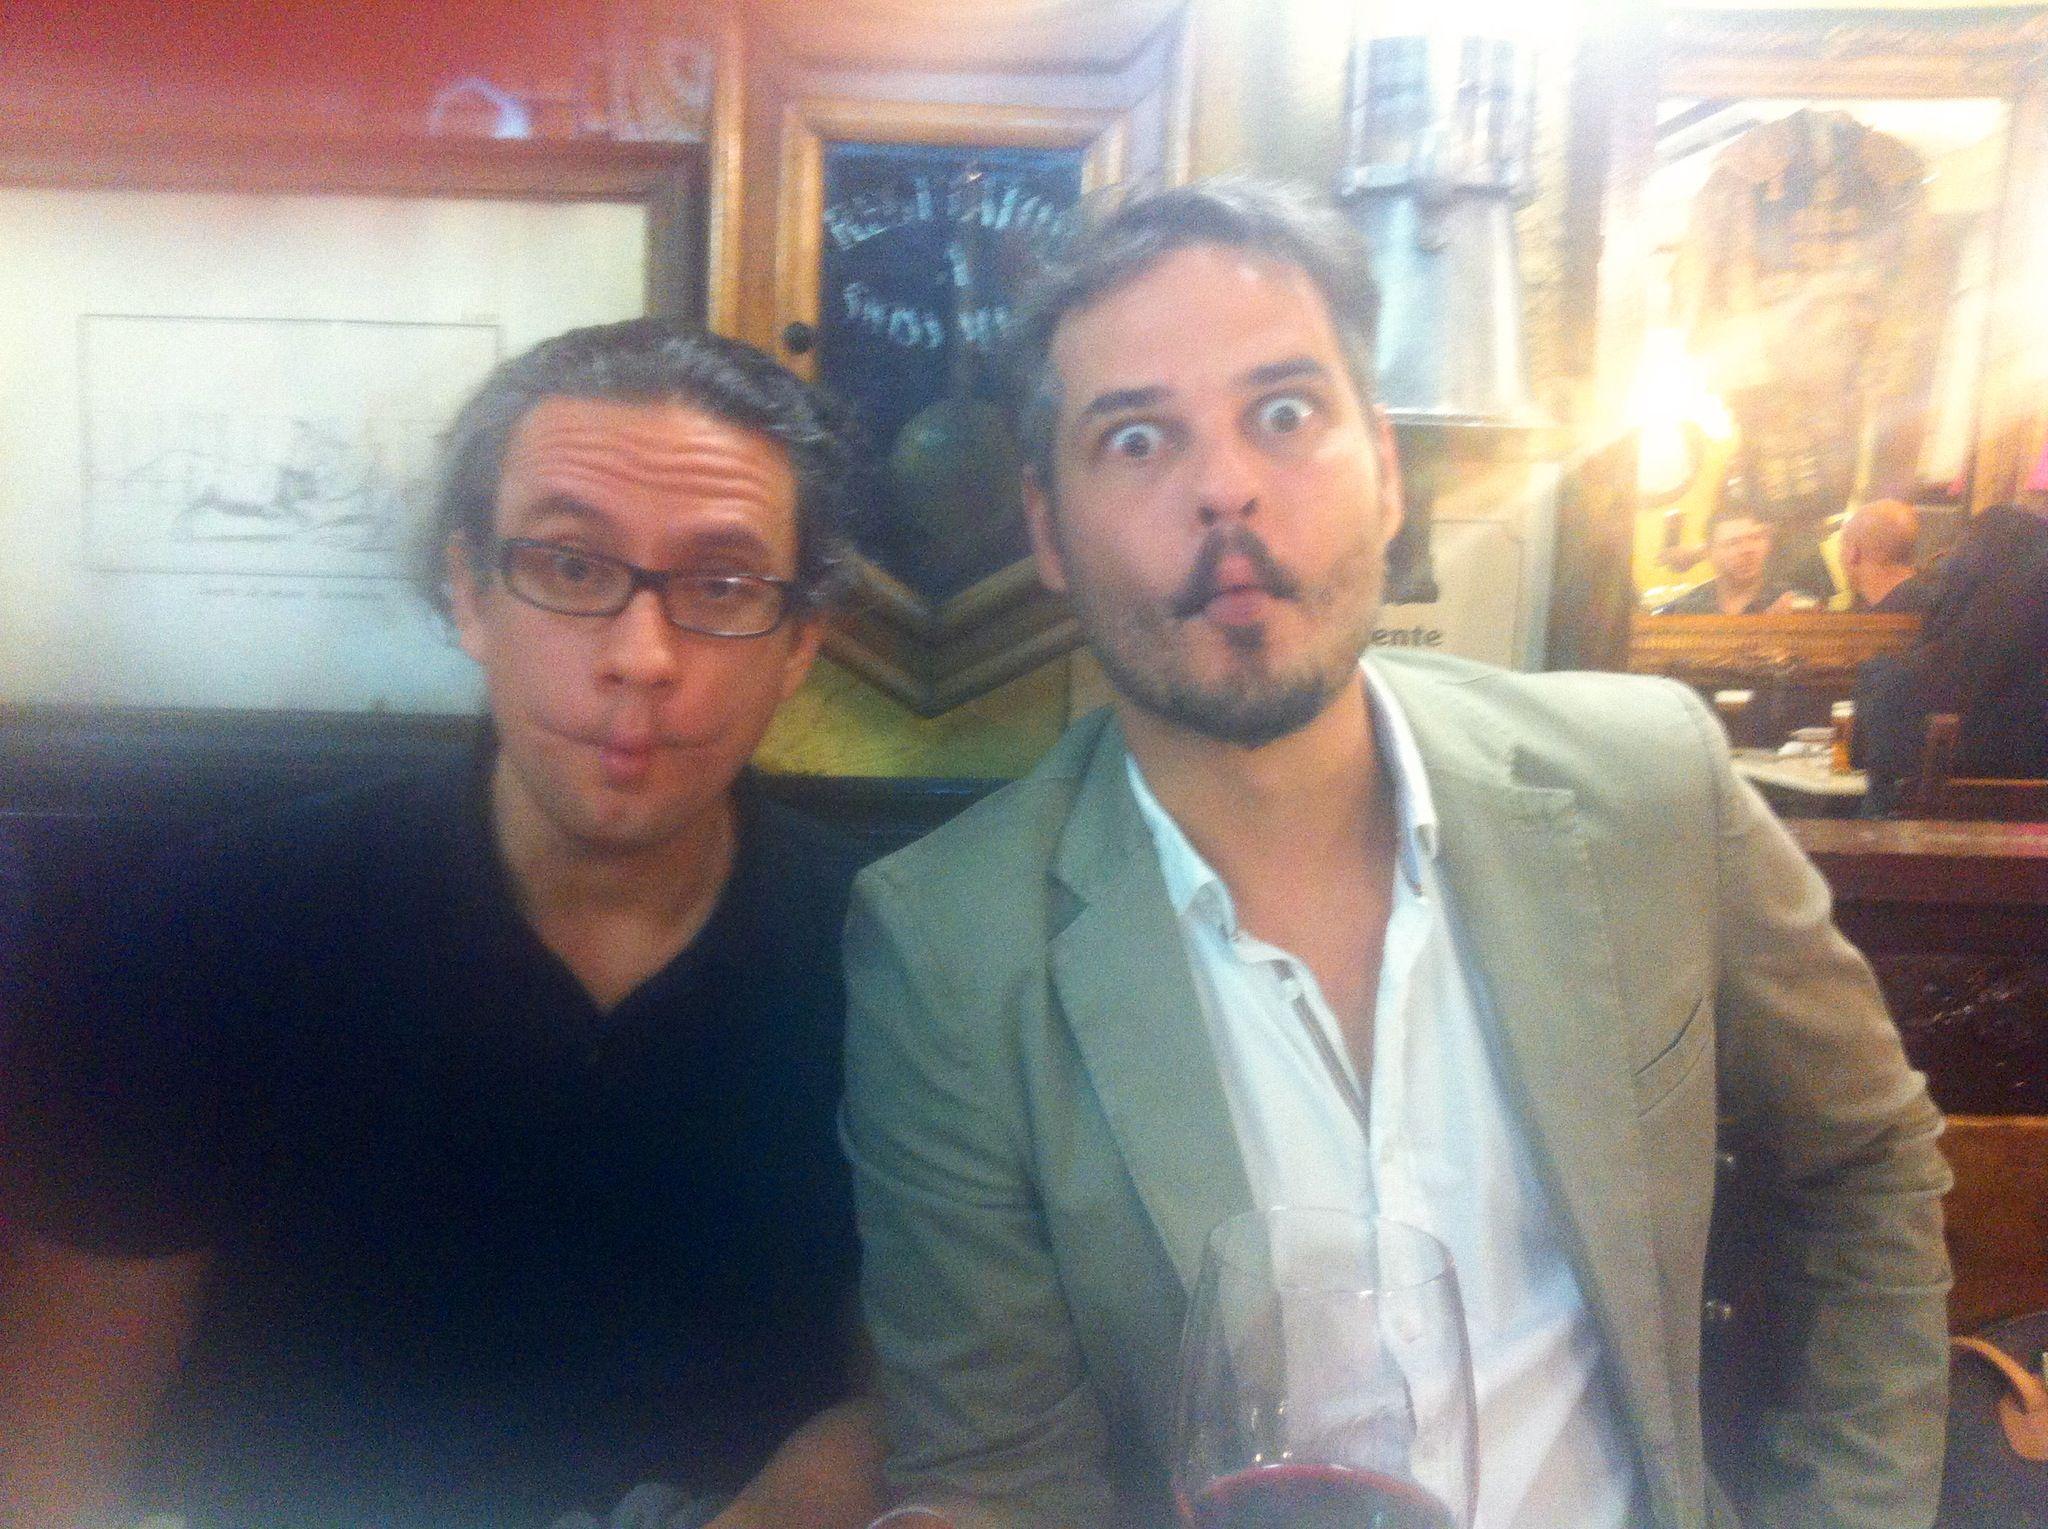 #Carapez con Frank Perozo y Luis Del Valle, propiciando un proyecto futuro,  después de la clausura de la 2da. Muestra de cine: Todo cine Todo Dominicana, en Madrid  #Fishface de película!